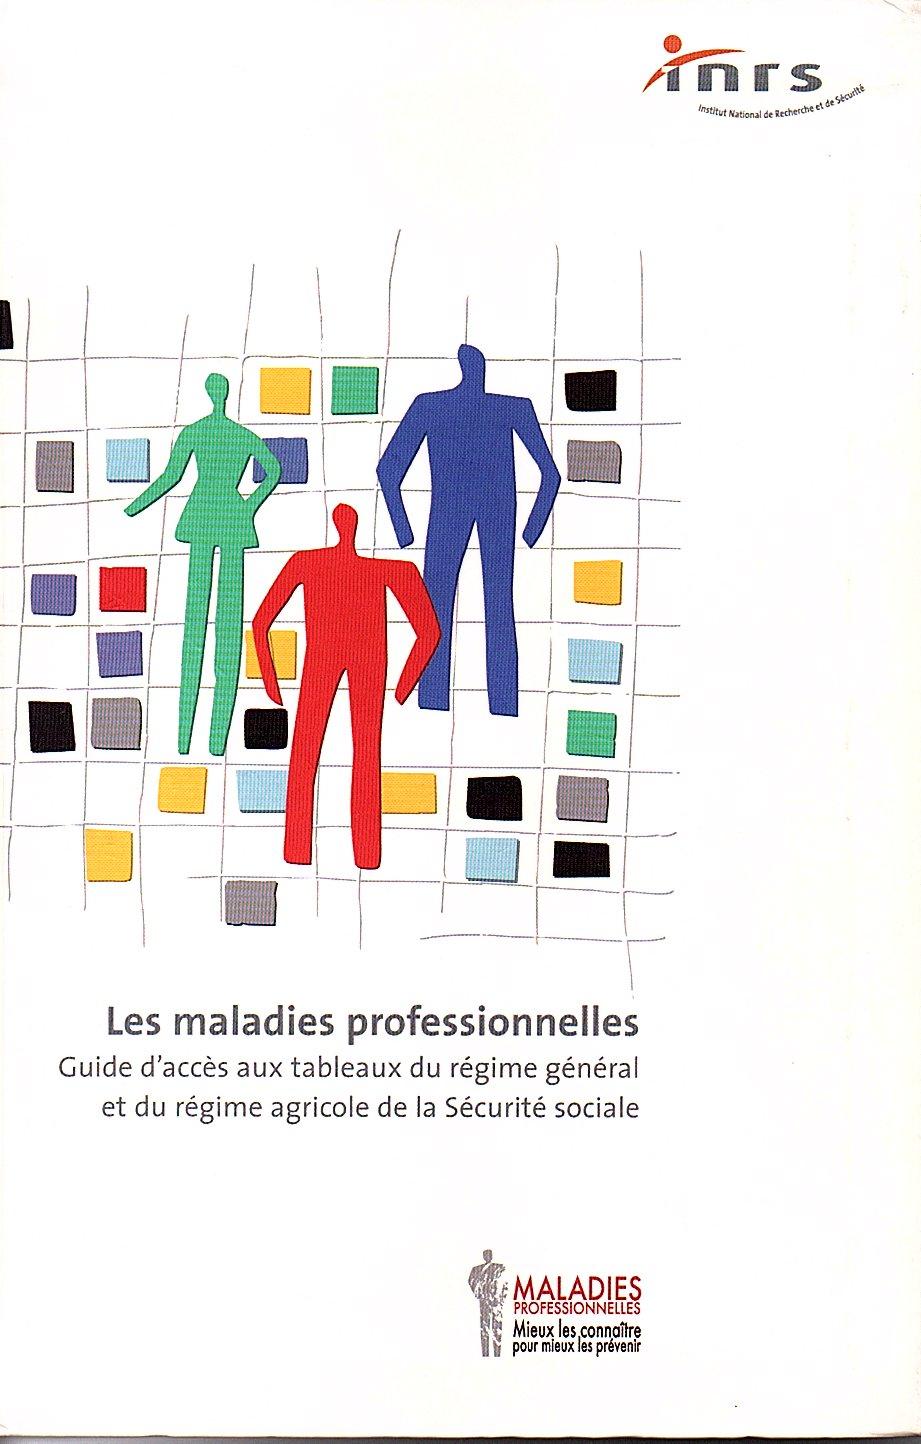 http://www.verriers-givors.com/wp-content/uploads/2020/06/INRS_tableaux-des-maladies-professionnelles.jpg